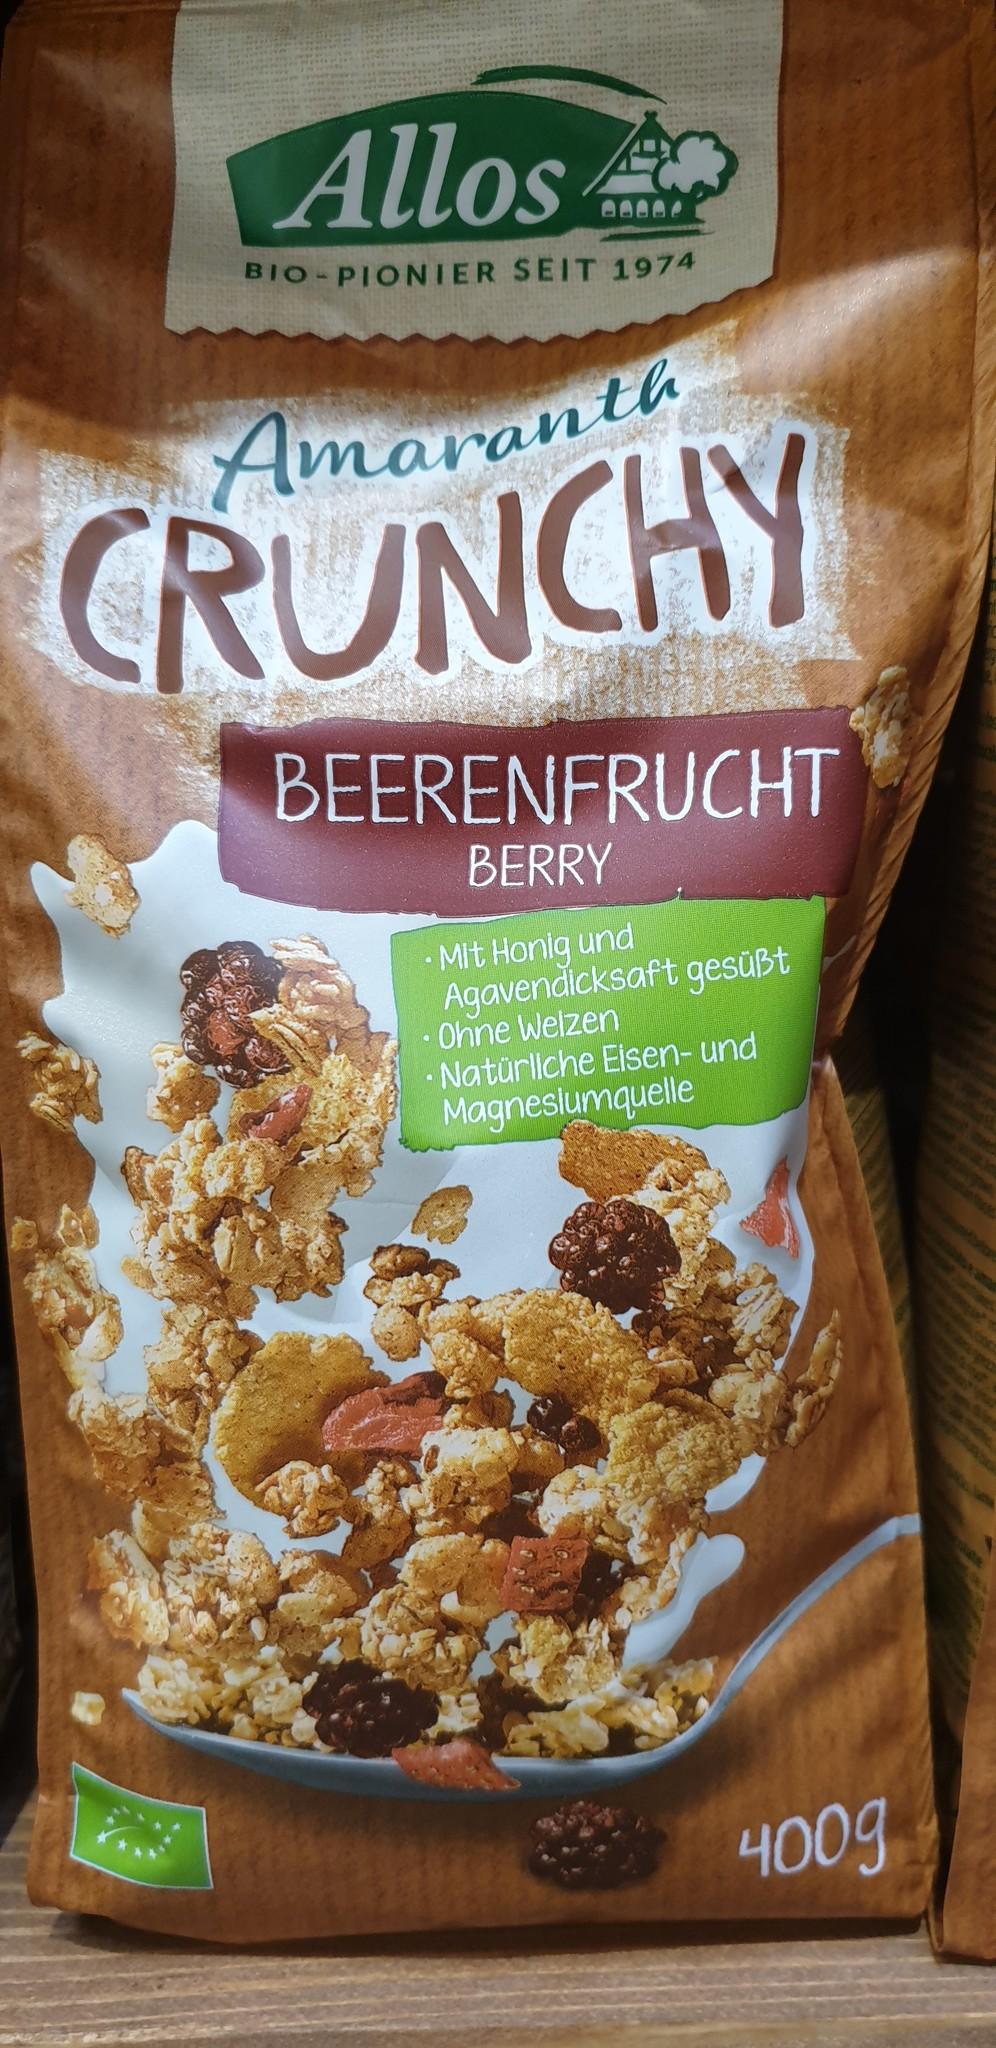 Allos Müsli Amaranth Crunchy Beerenfrucht bio Allos